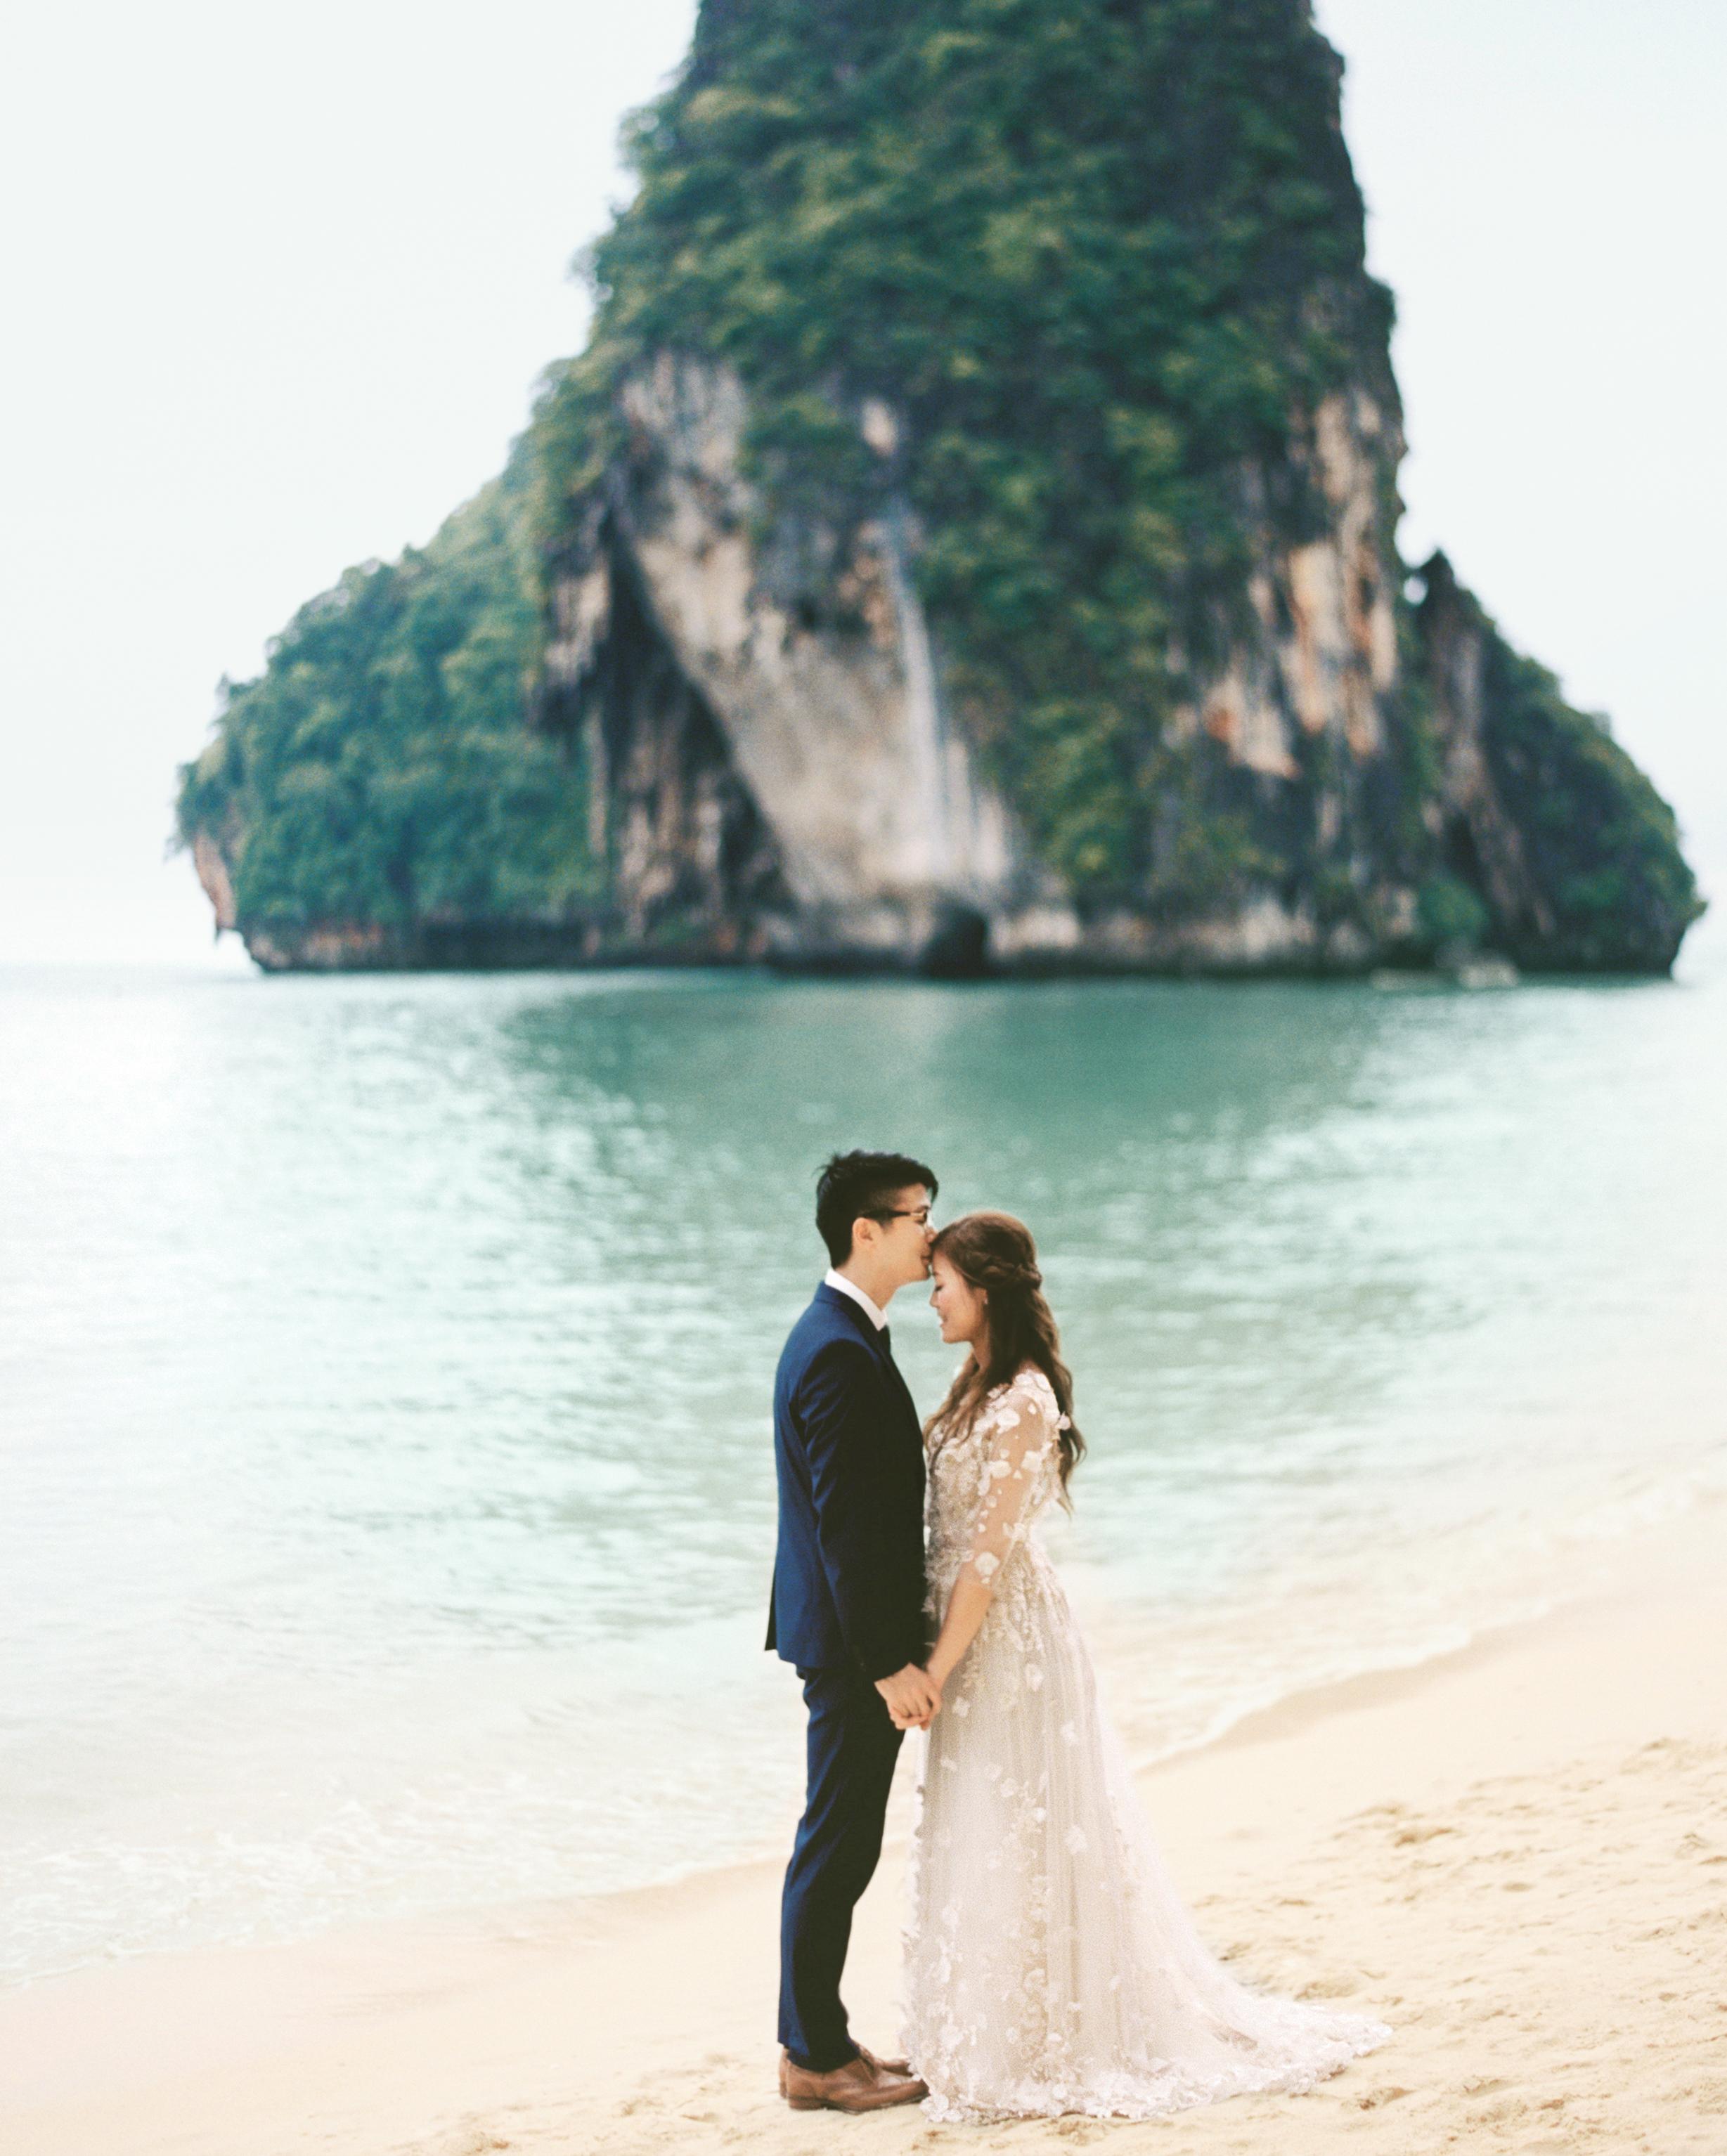 michelle-ryan-wedding-krabi-thailand-0580-s112047.jpg